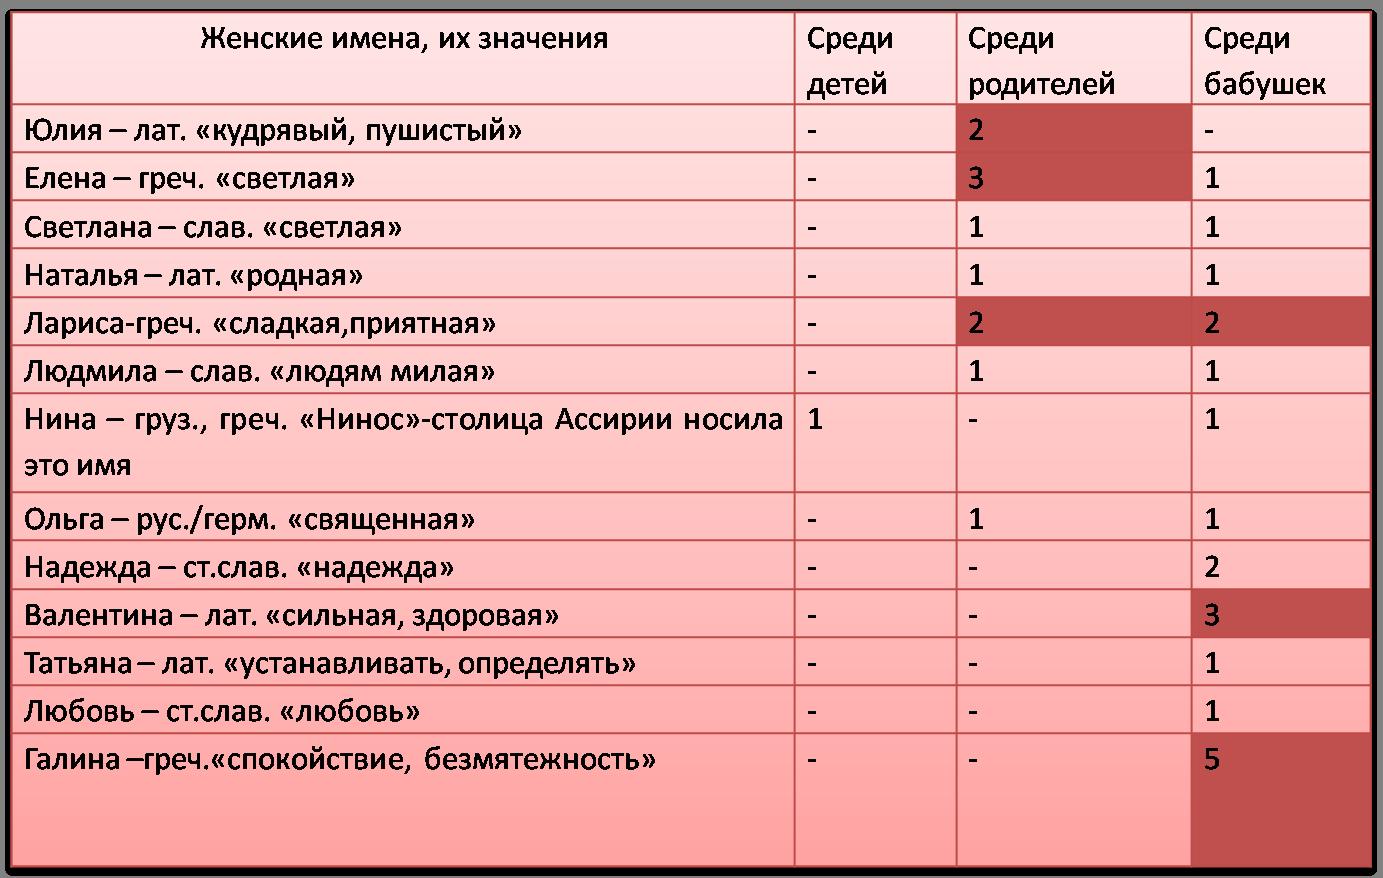 C:\Users\admin\Desktop\ж.png